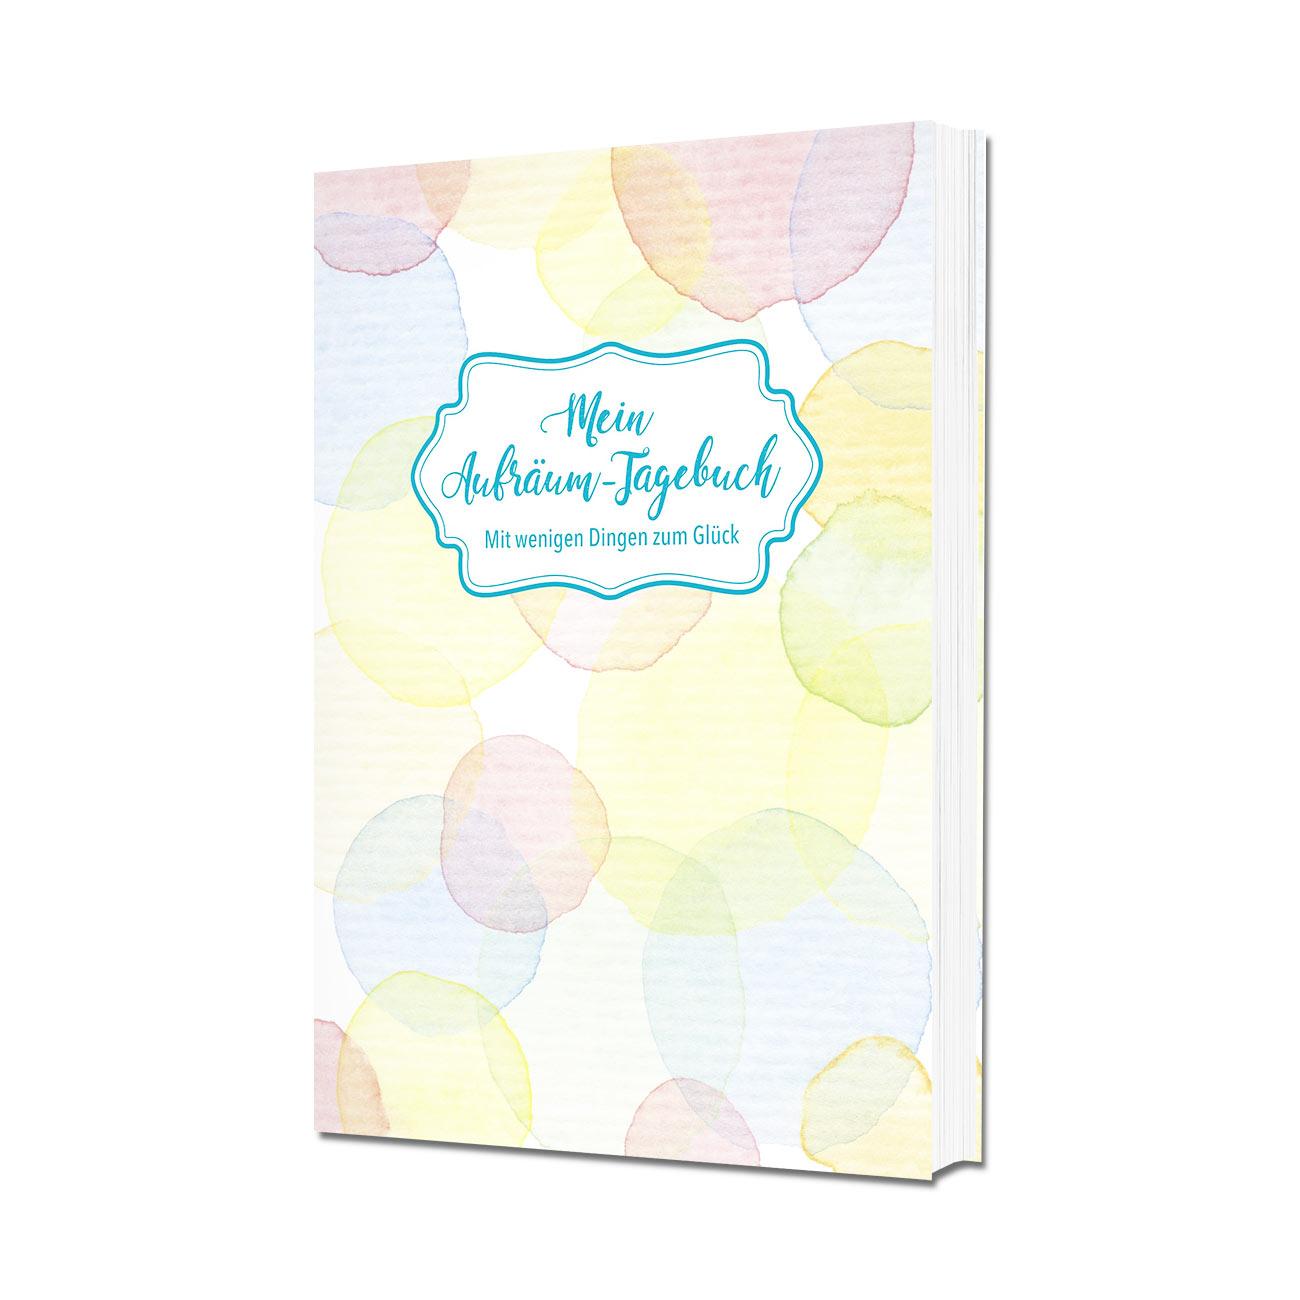 Mein Aufräum-Tagebuch